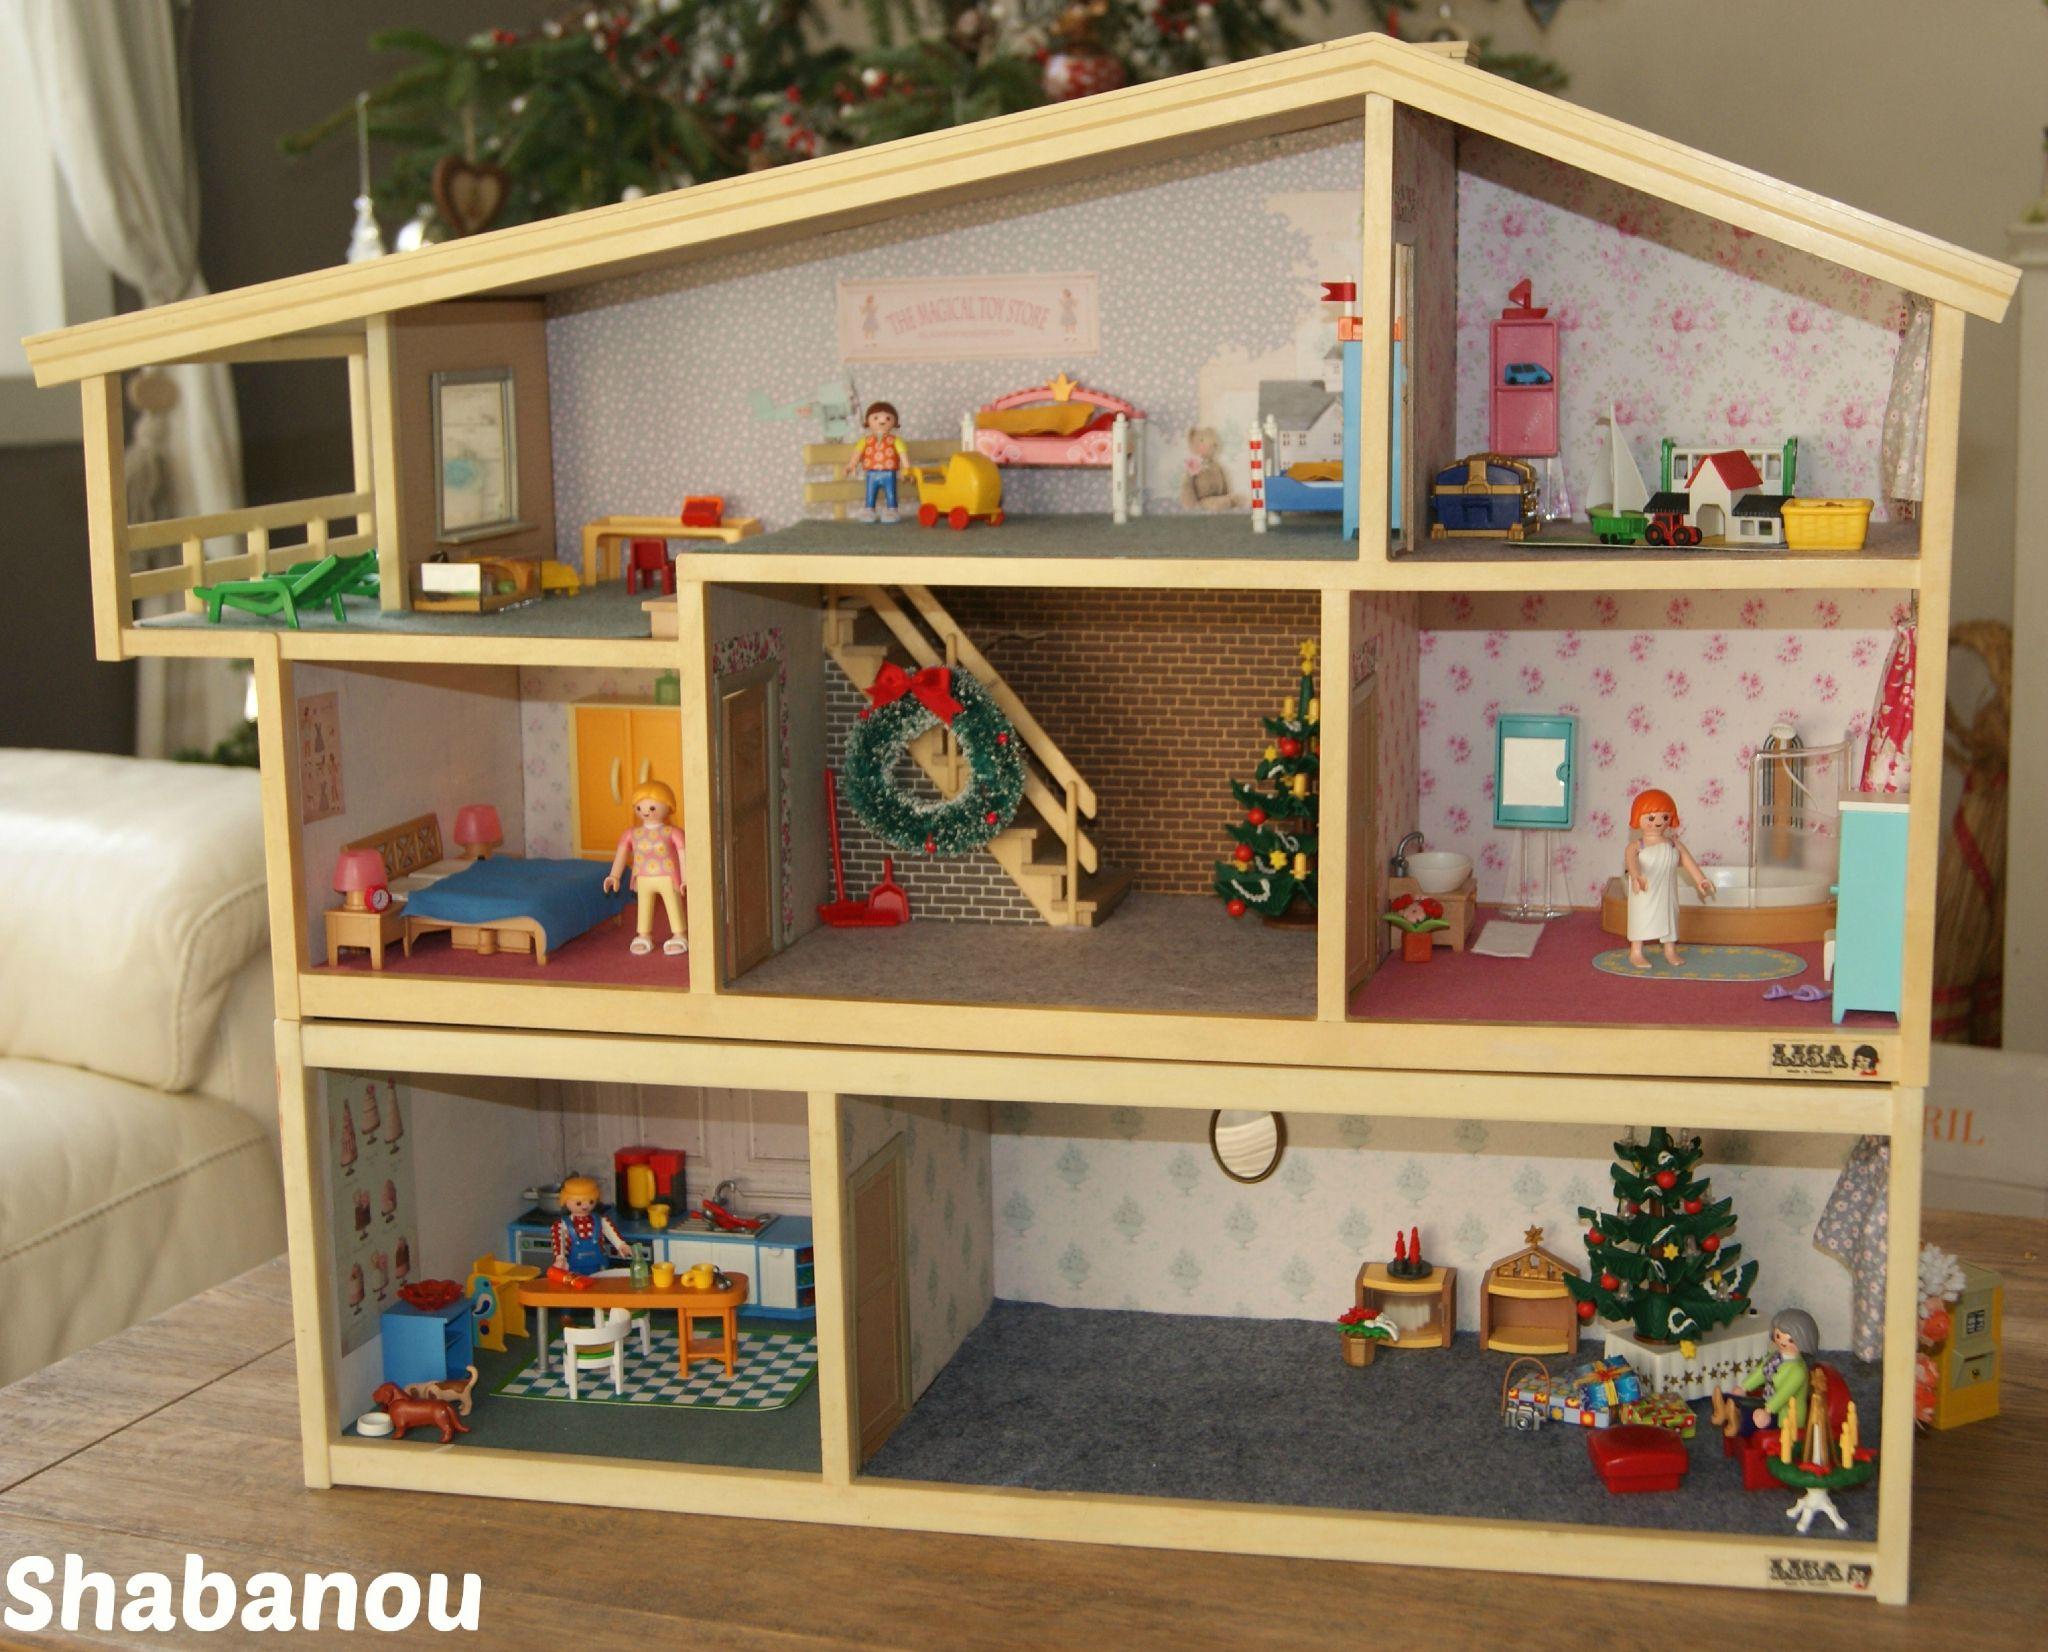 Maison de poup e shabanouscrap barbie diy dollhouse home decor et home - Site de bricolage maison ...